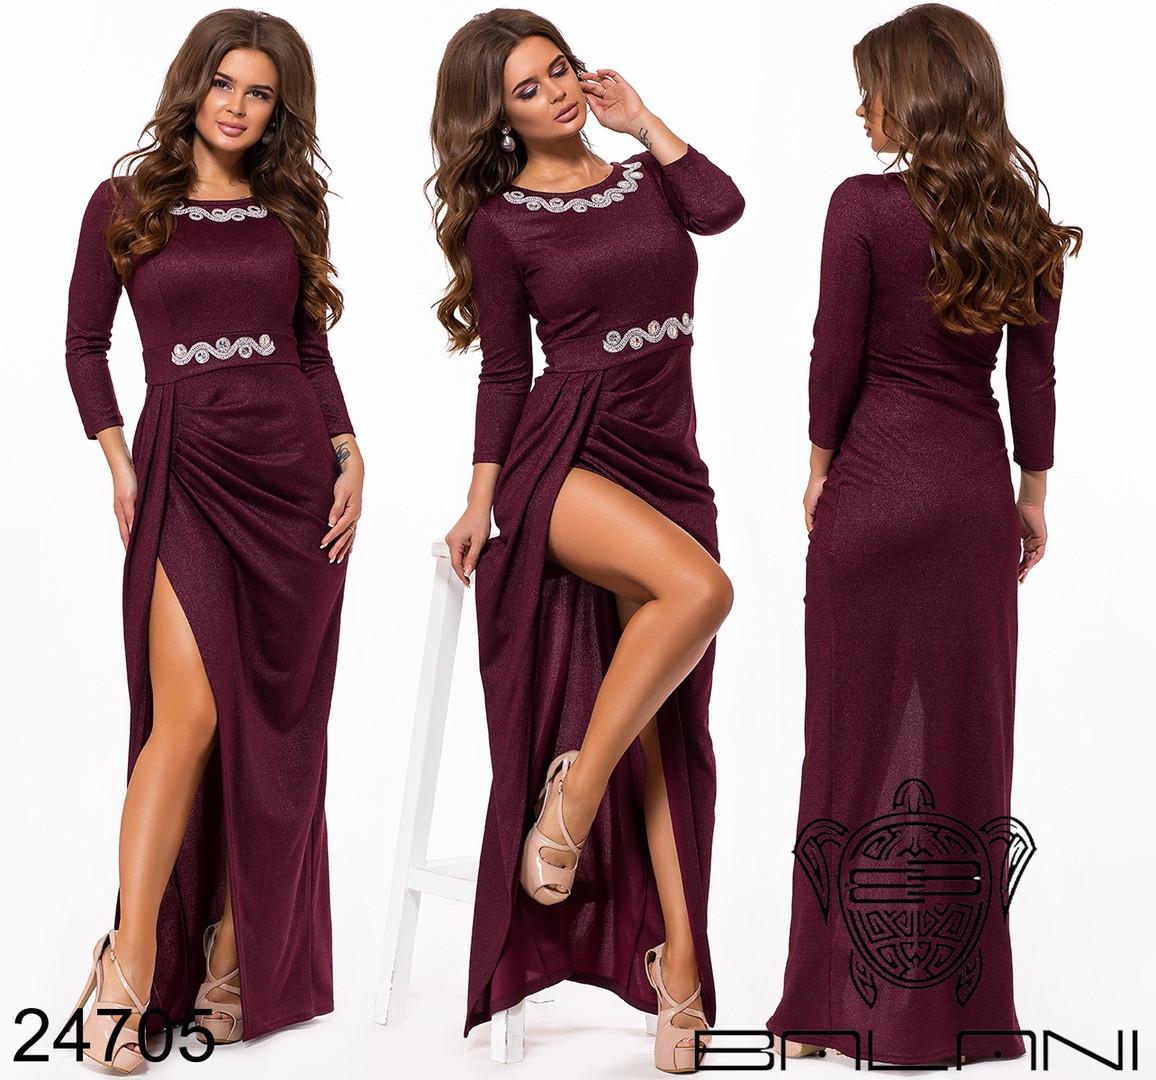 a982800f111 Вечернее элегантное длинное платье в пол с камнями стразами Balani размер 42 -46 - Интернет